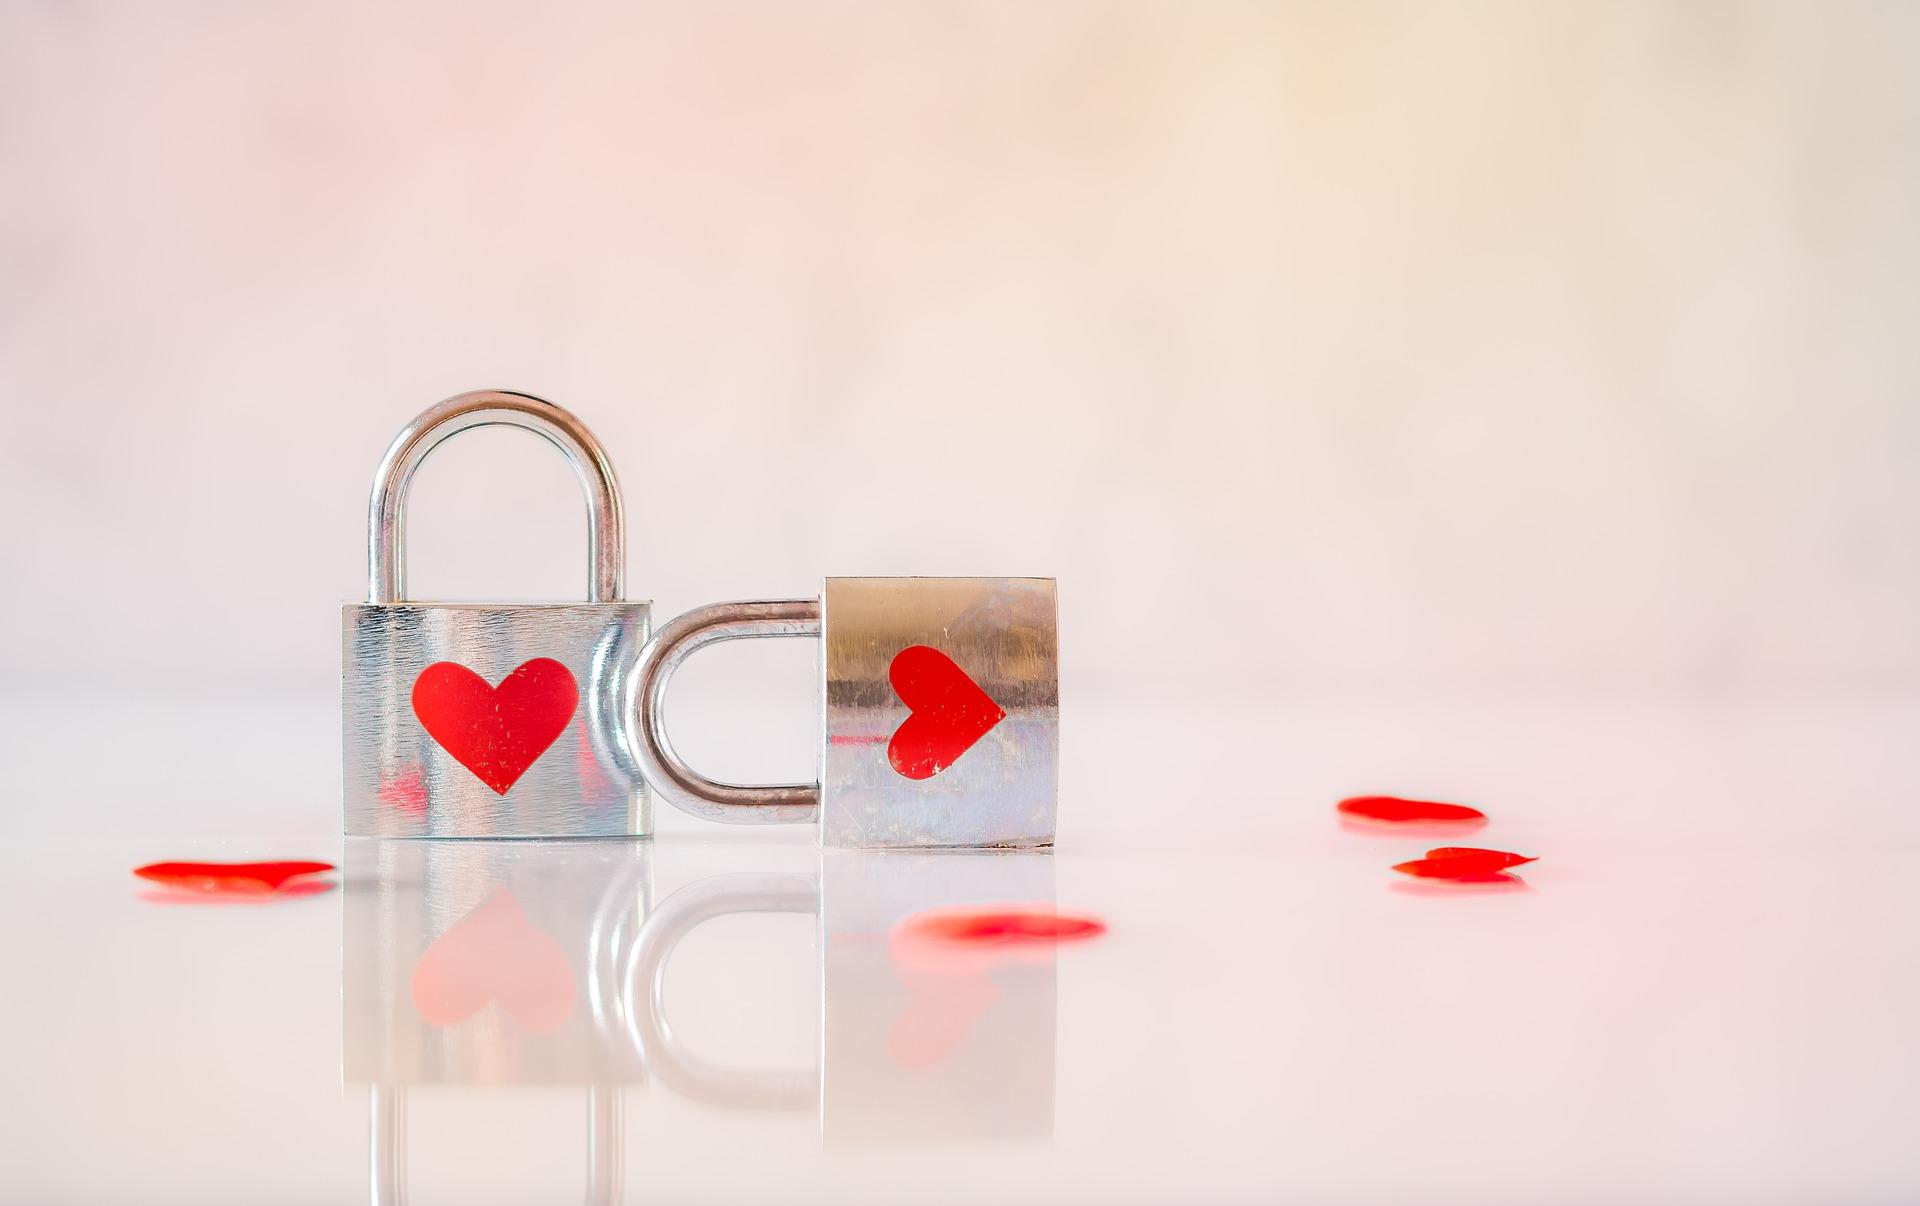 占い師 恋愛運が当たるのはなぜ?相談すべき人を選ぶコツ